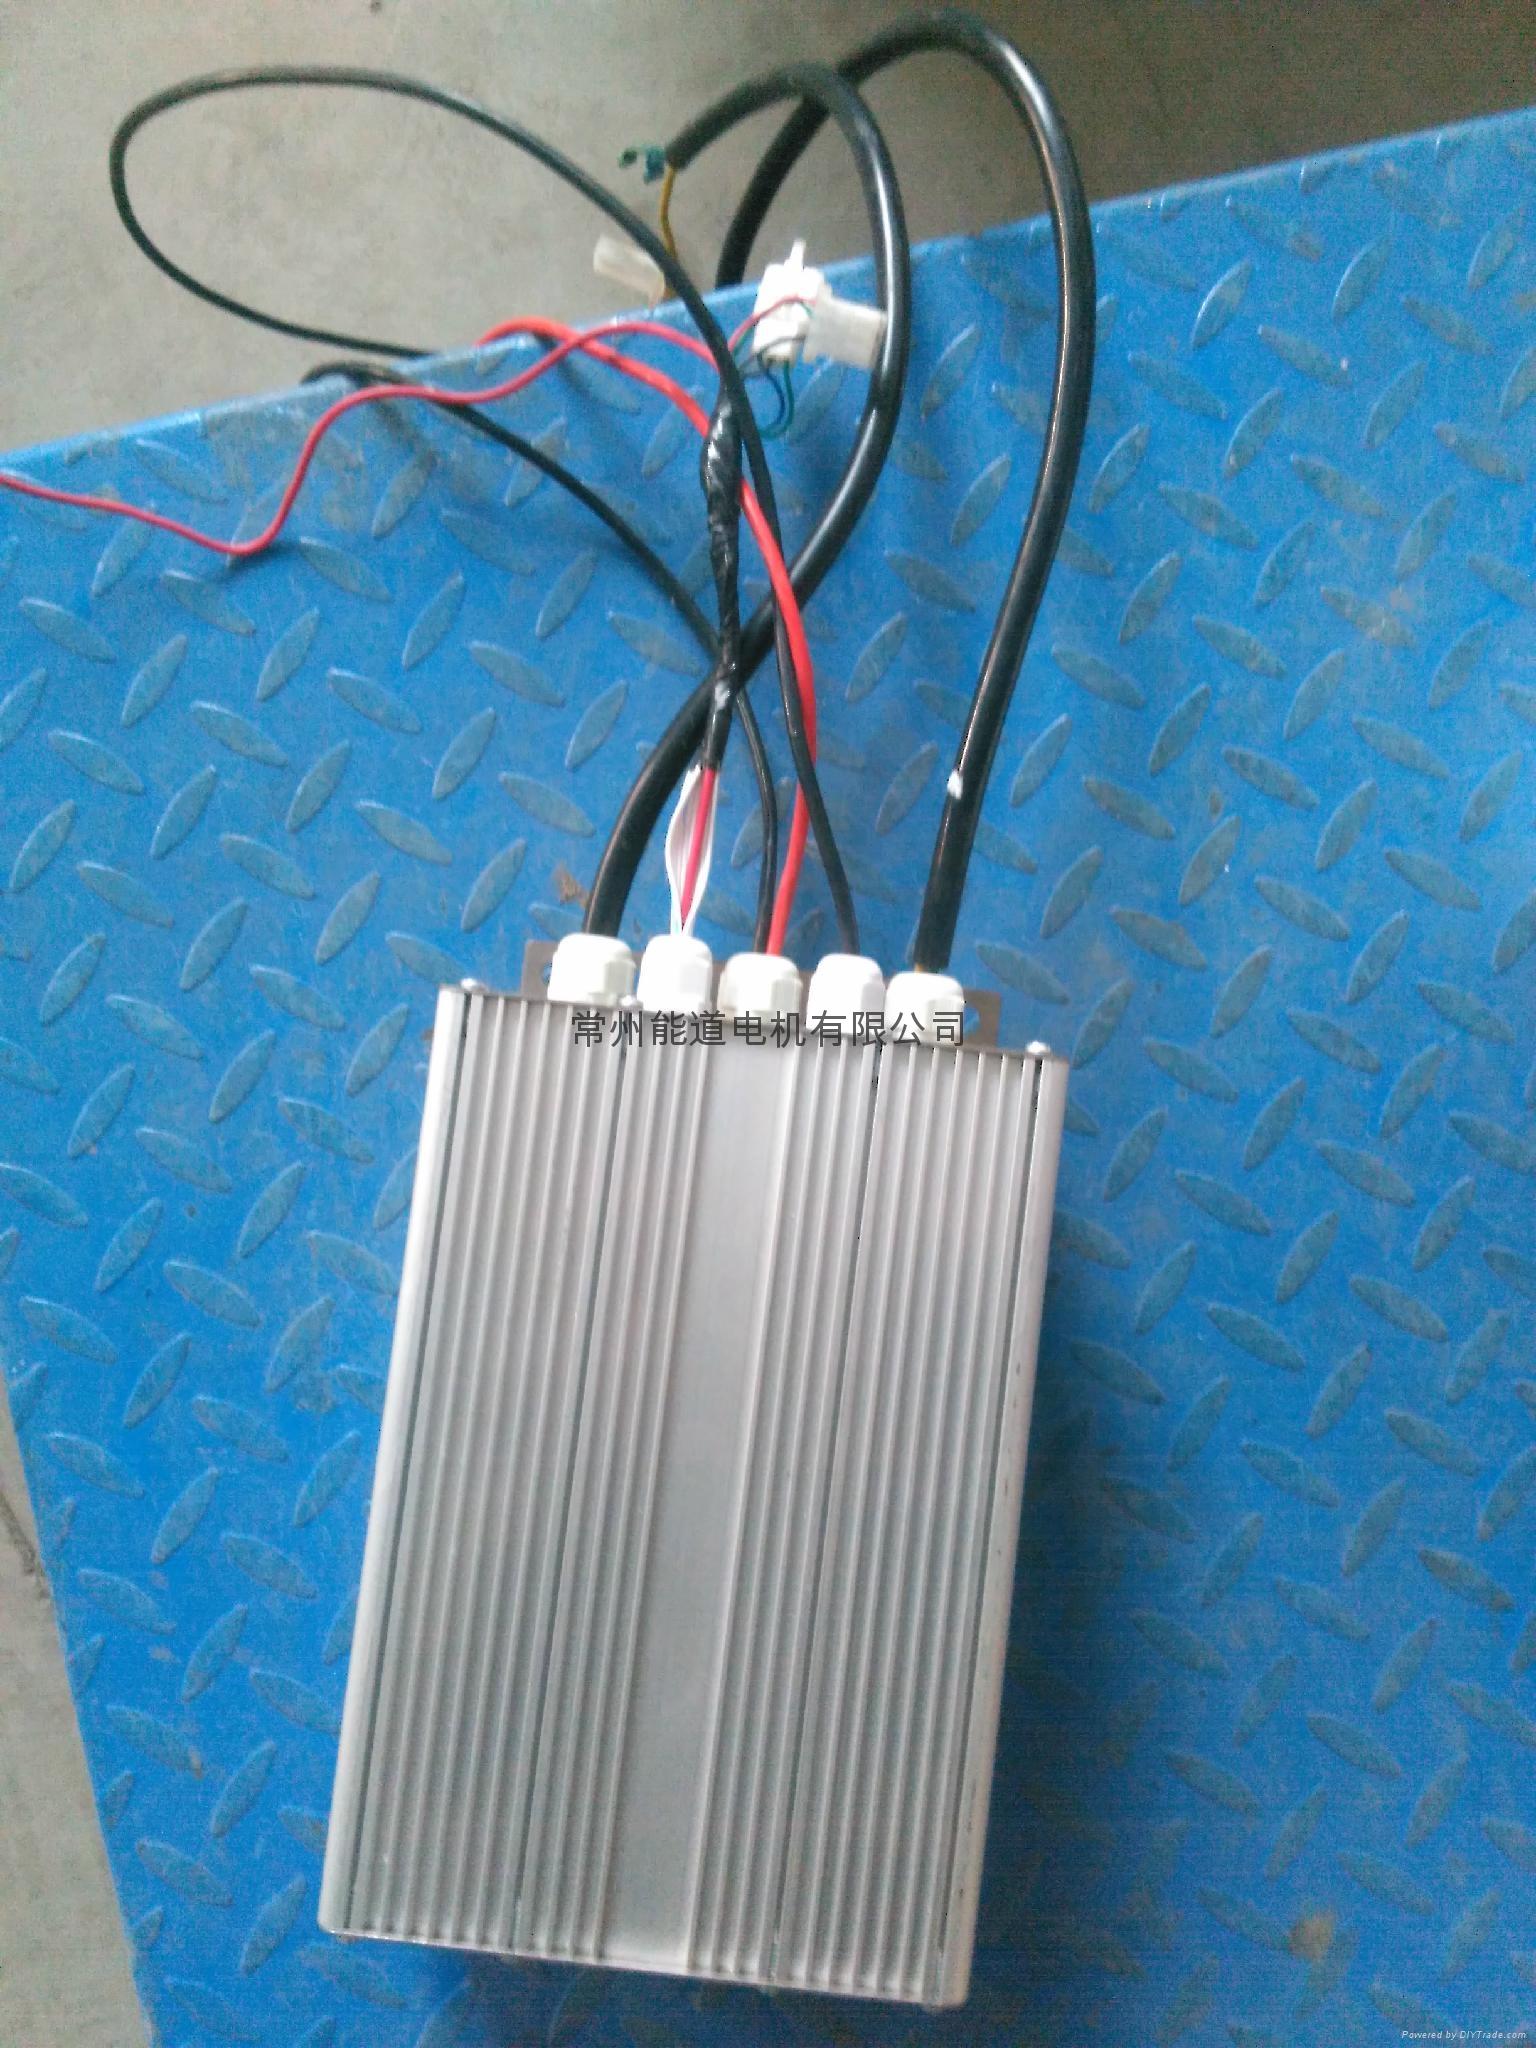 常州能道SRM通用液晶仪表36管48-60V控制器 5